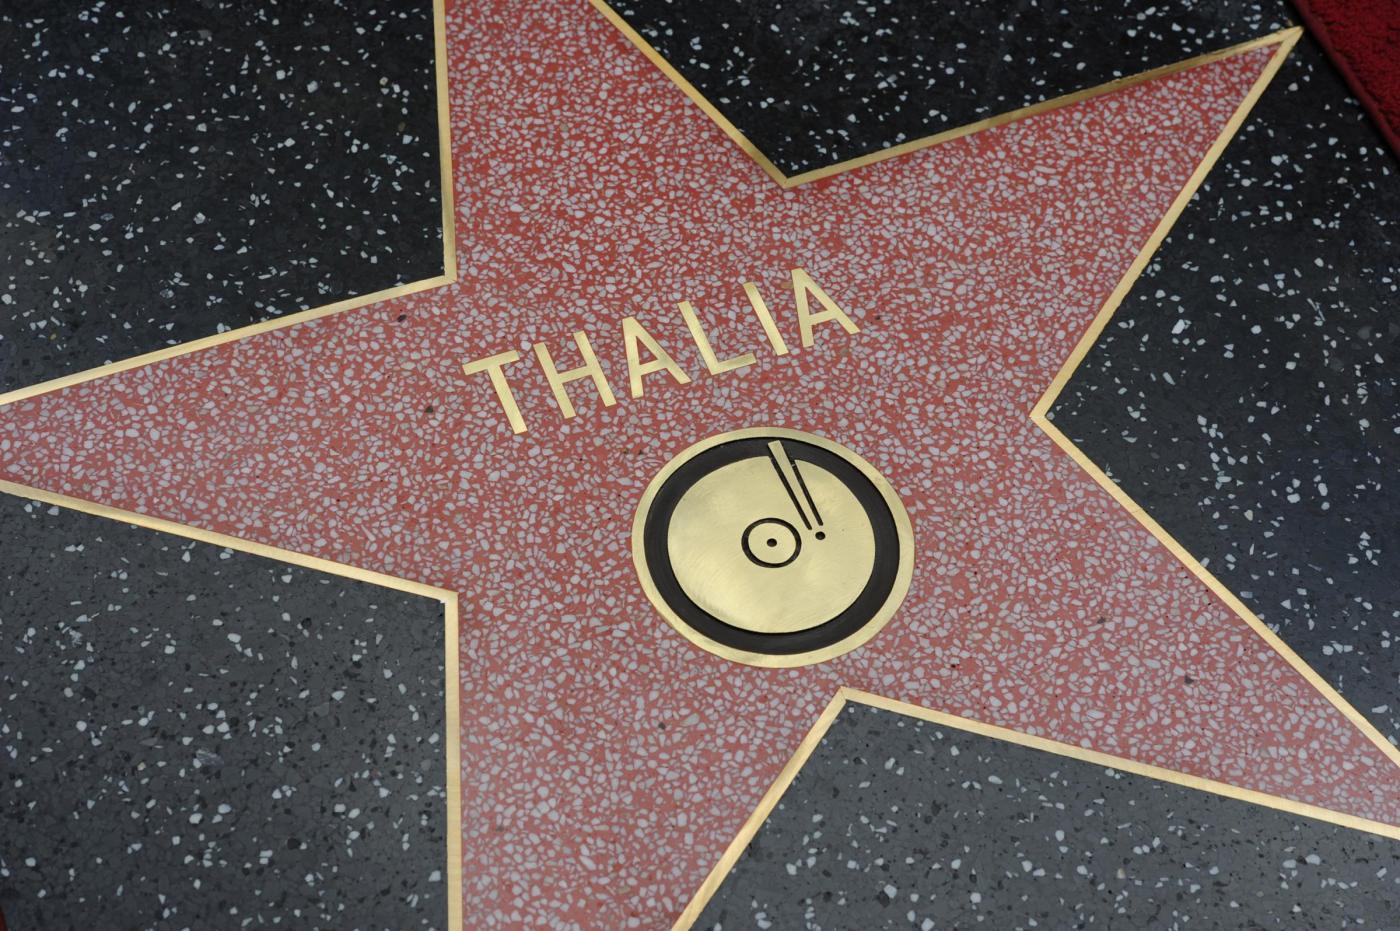 Thalìa, stella sulla Hollywood Walk of Fame per la regina del pop messicano 06